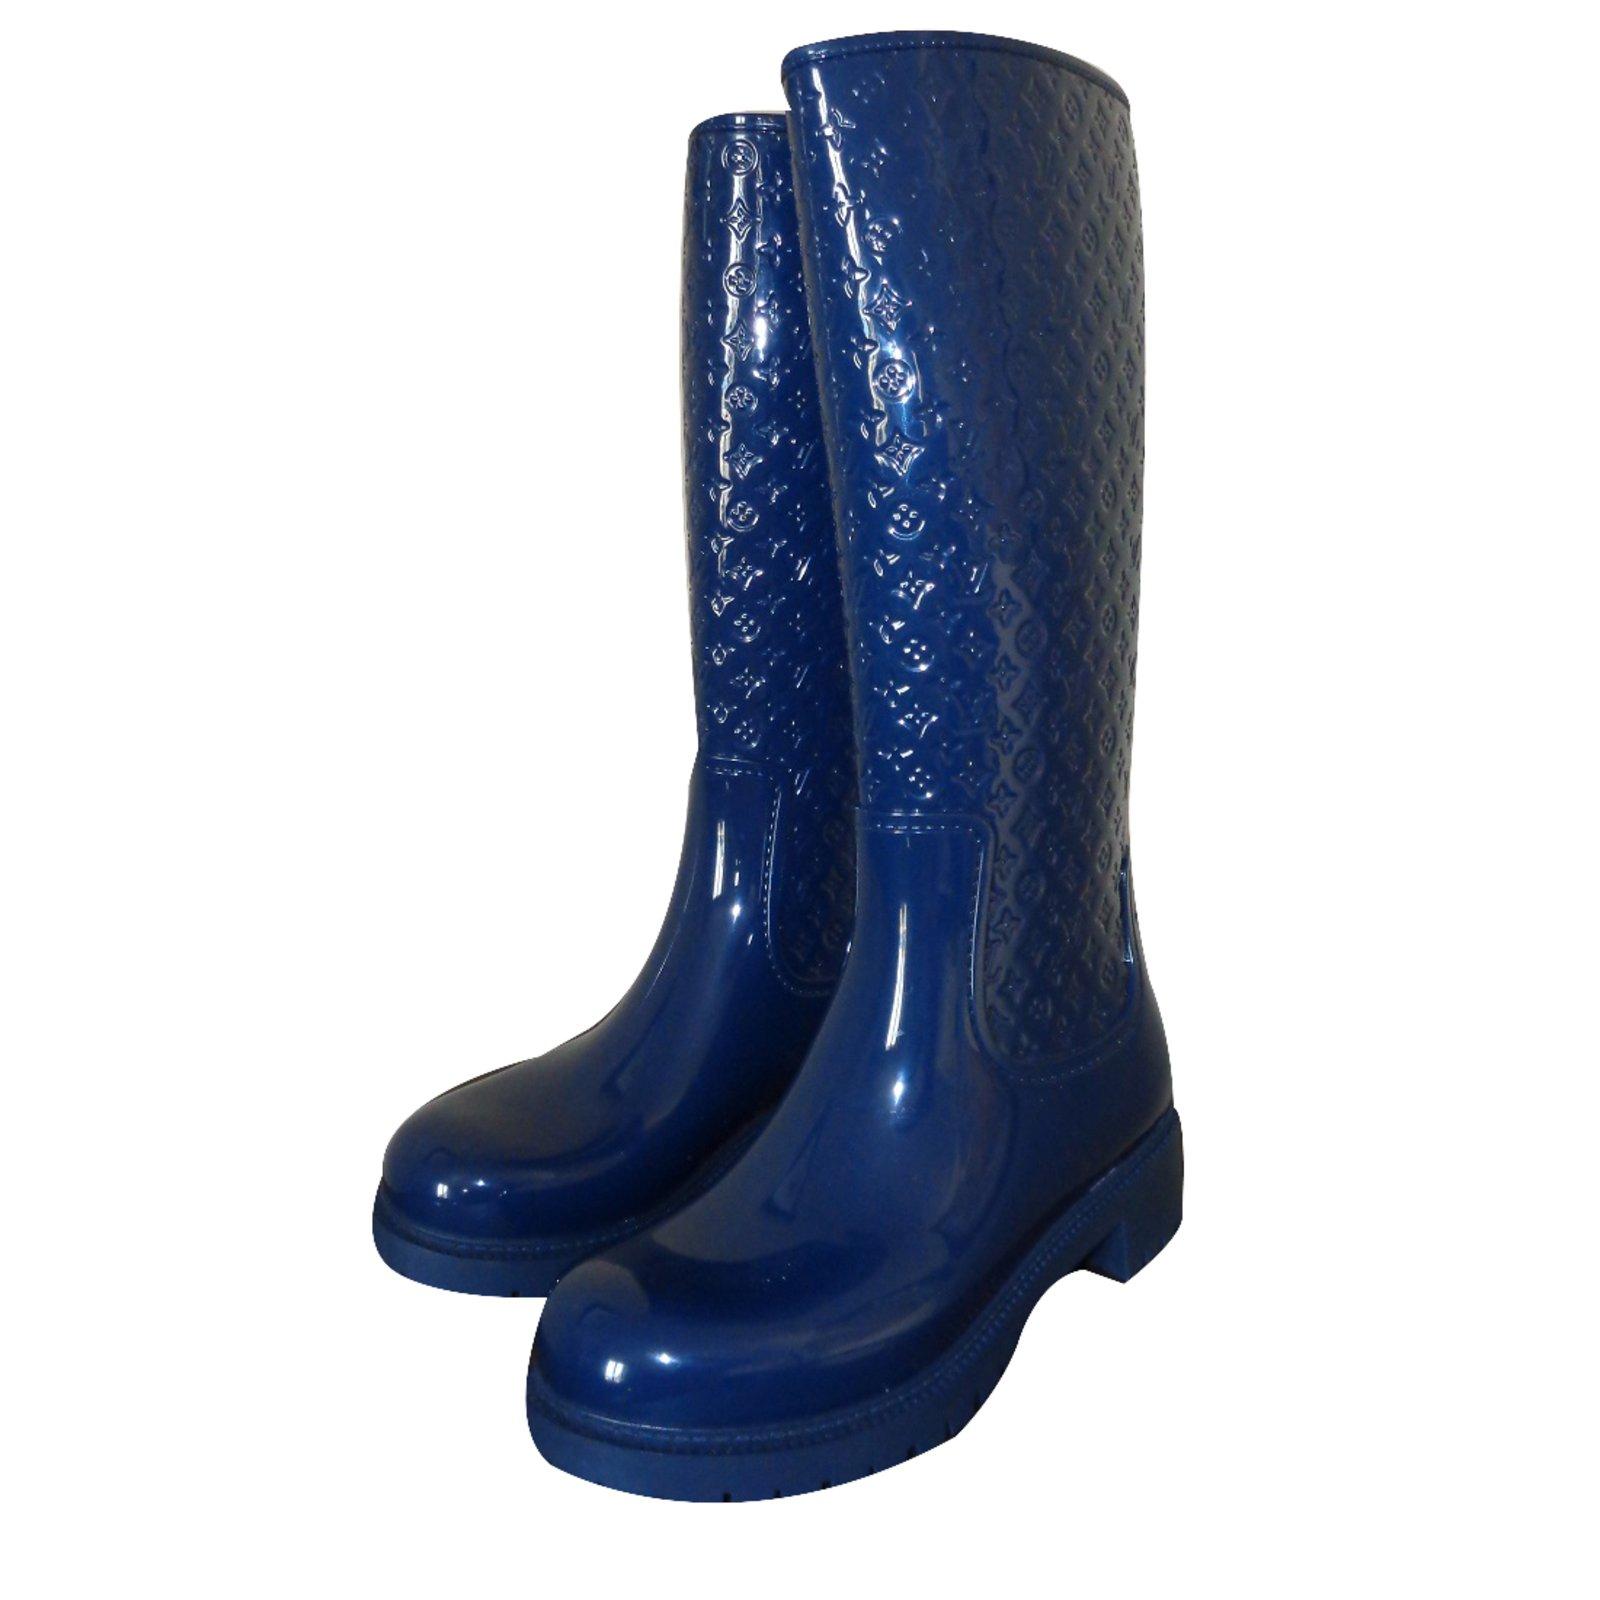 LOUIS VUITTON Wellington Boots uDqD5RVg